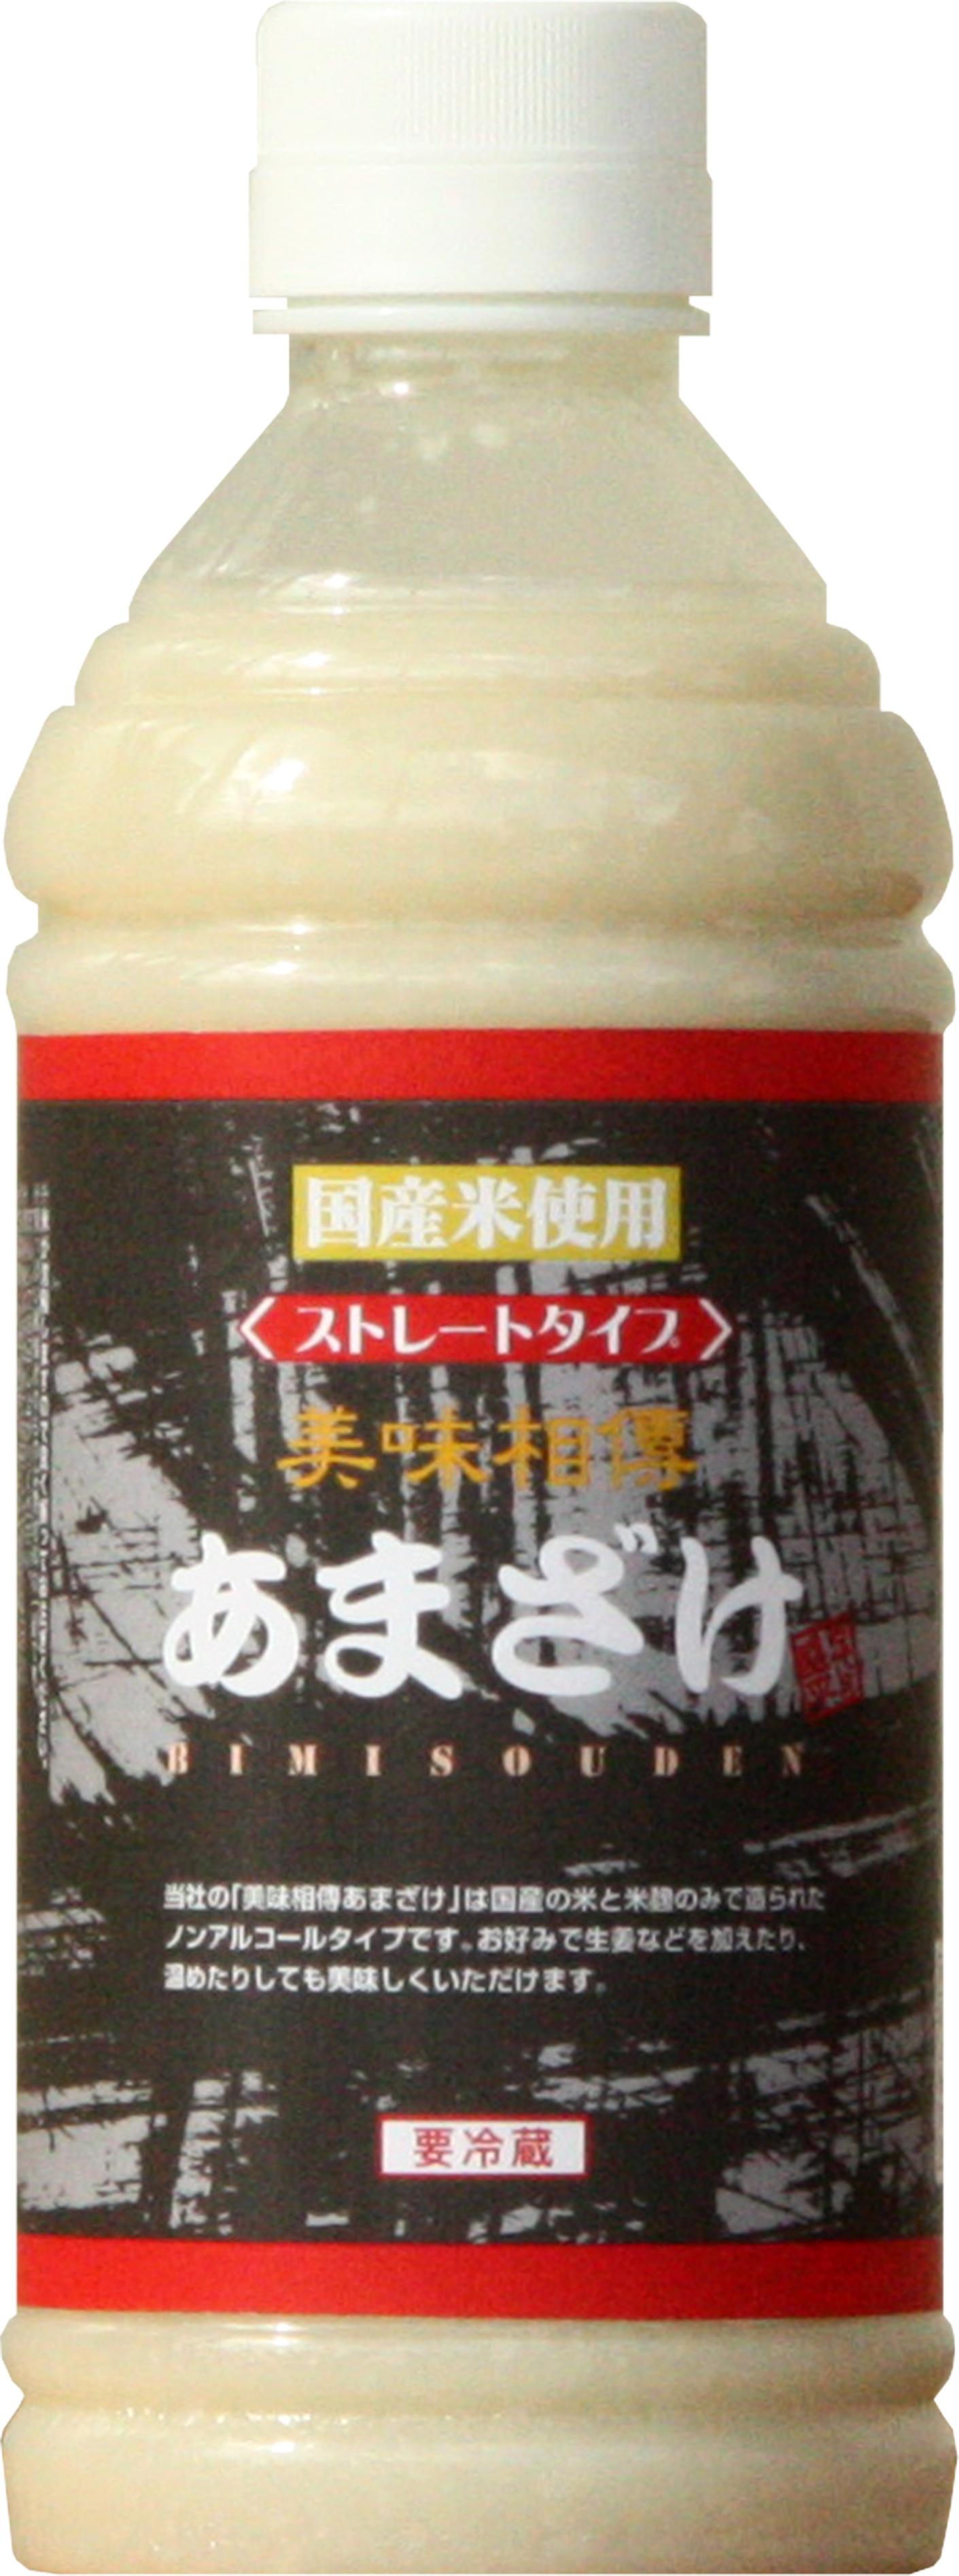 新甘酒500ml